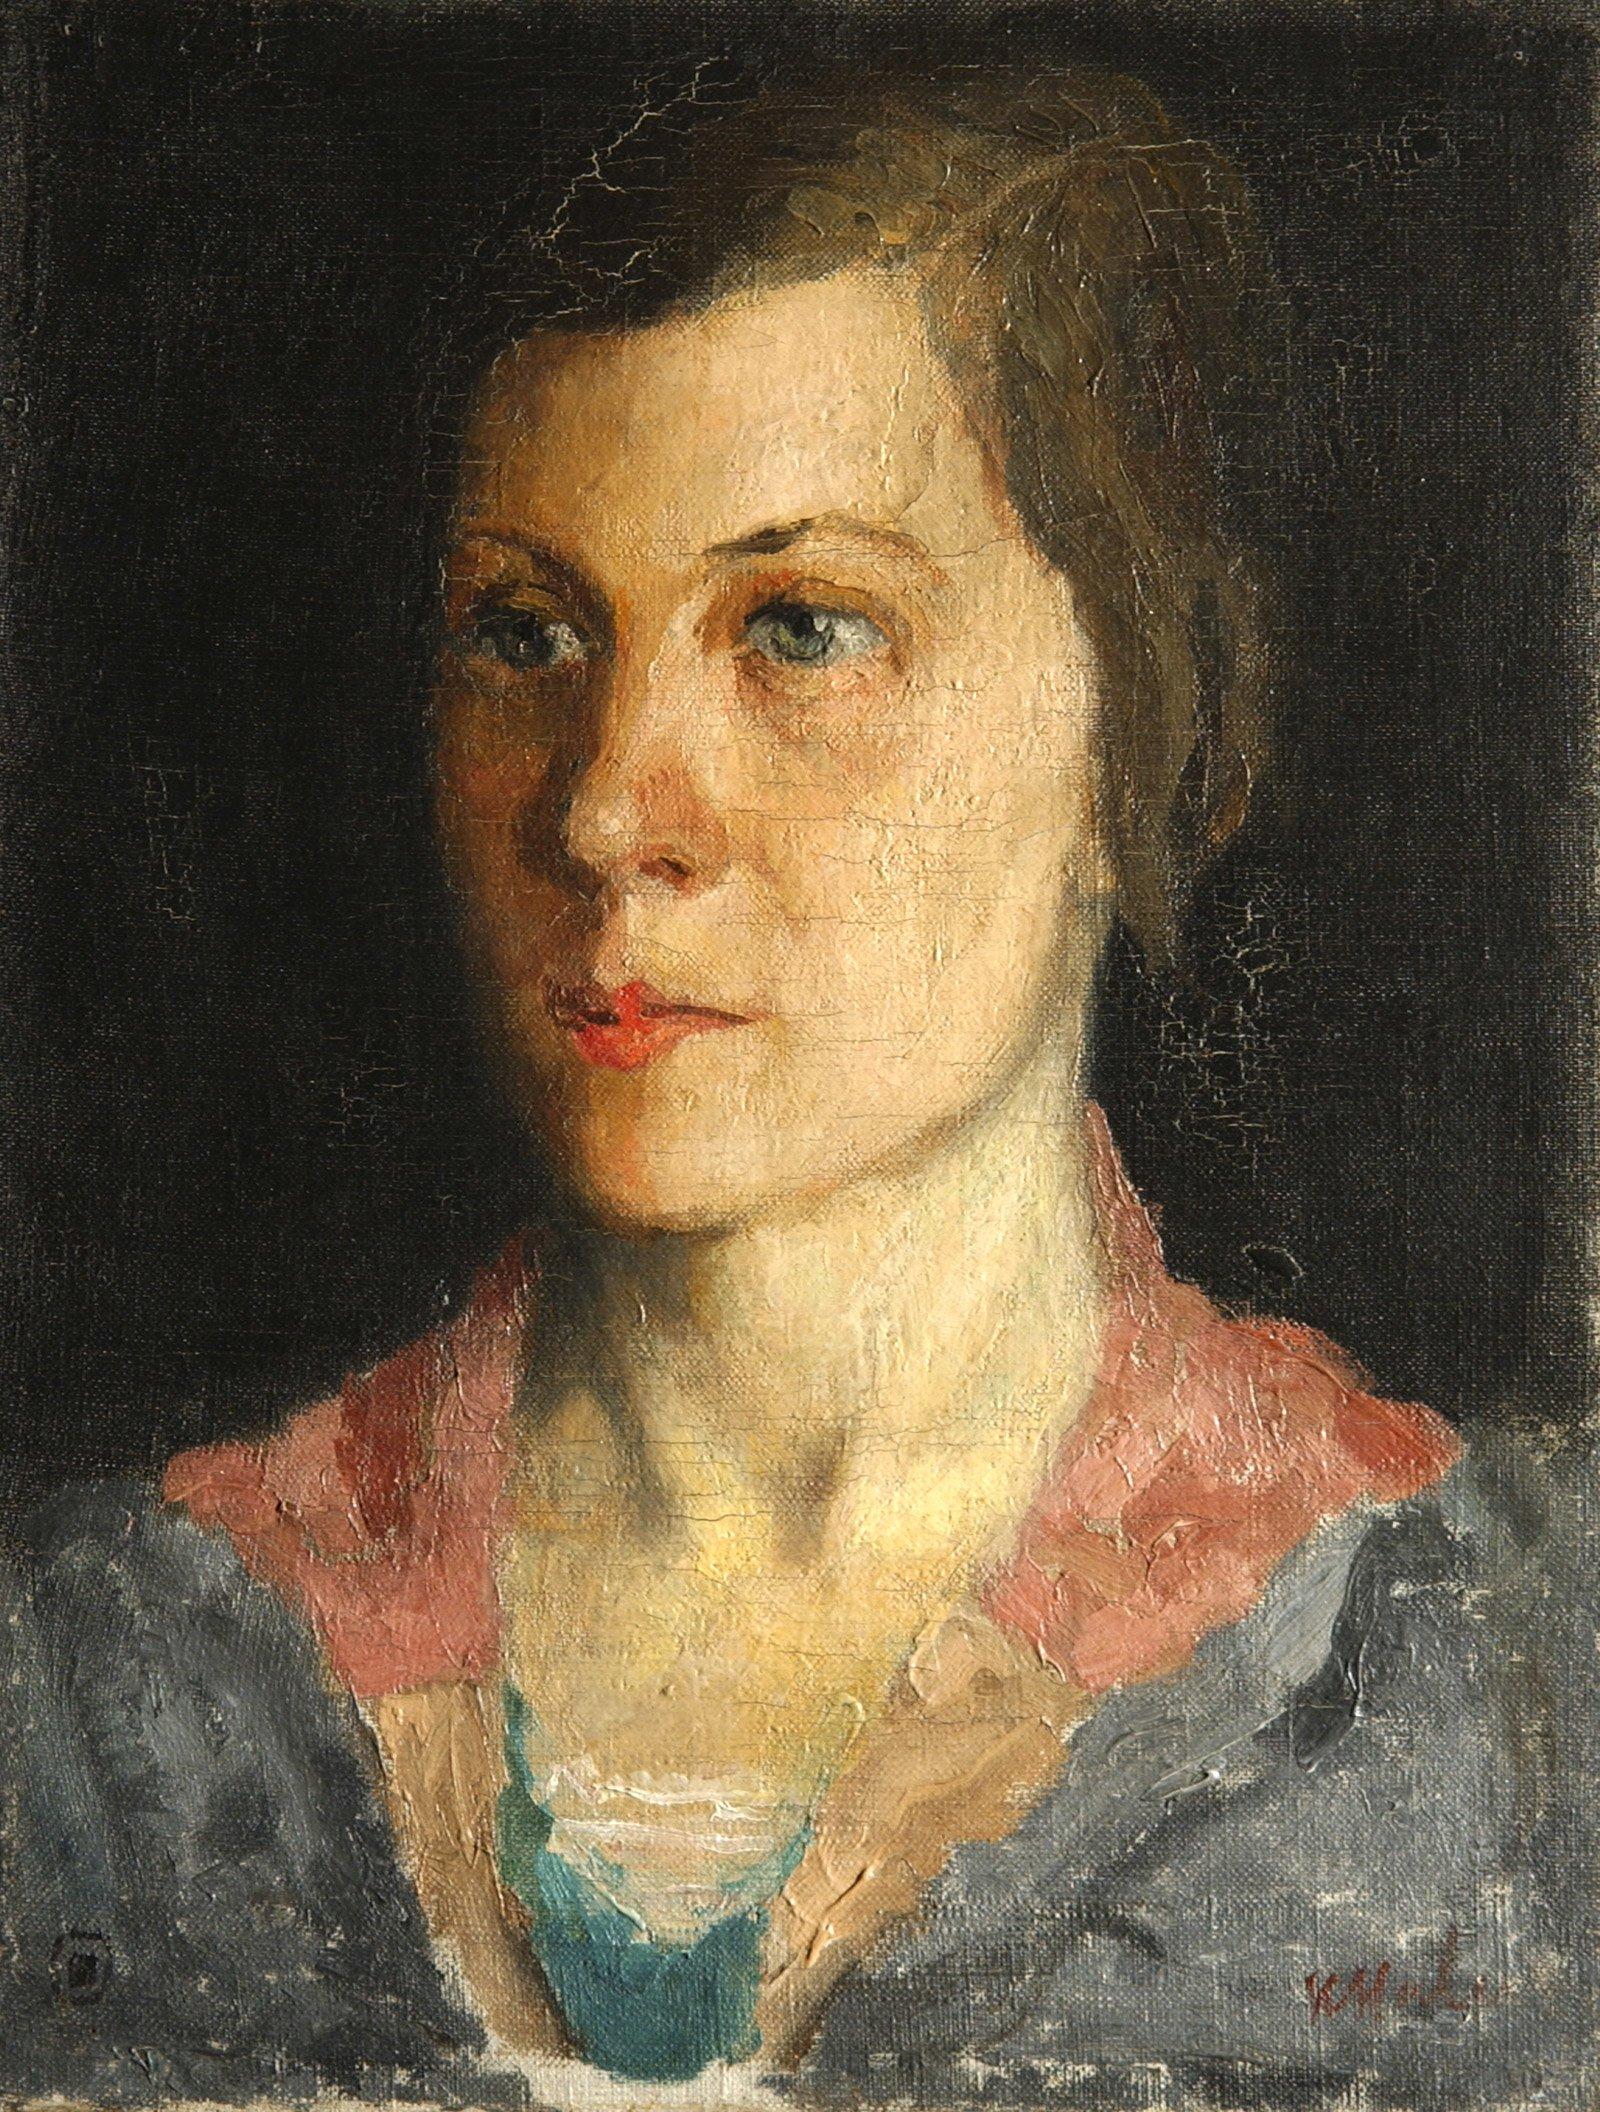 К. Малевич. Портрет Натальи Малевич. 1933 год